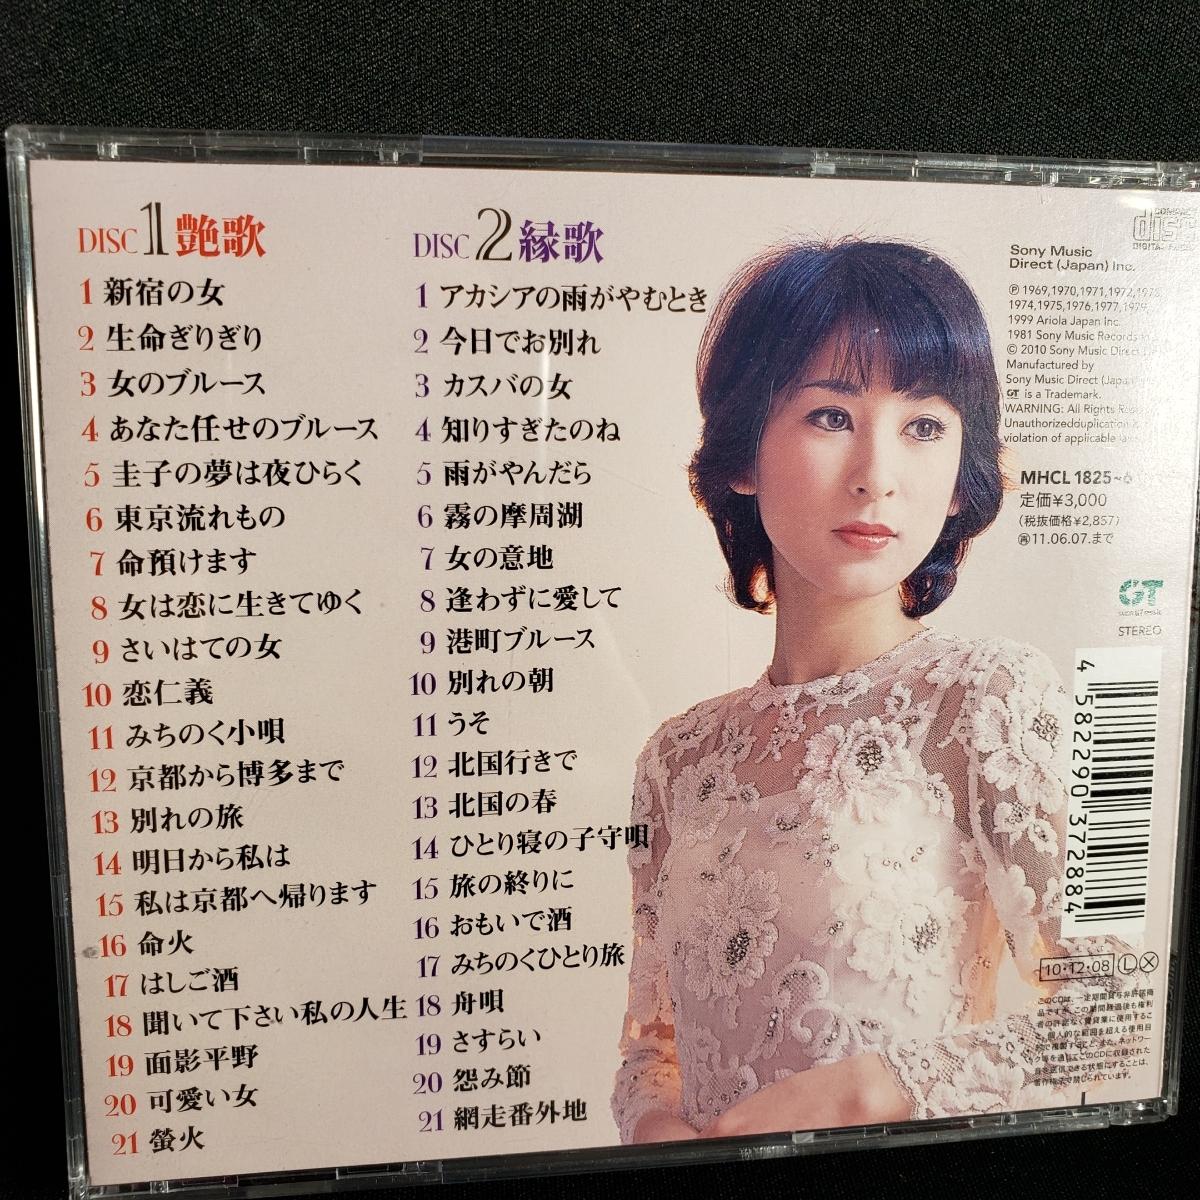 美品 藤圭子 艶歌と縁歌 ゴールデン ベスト ヒット&カバー コレクション CD2枚組 全42曲_画像2